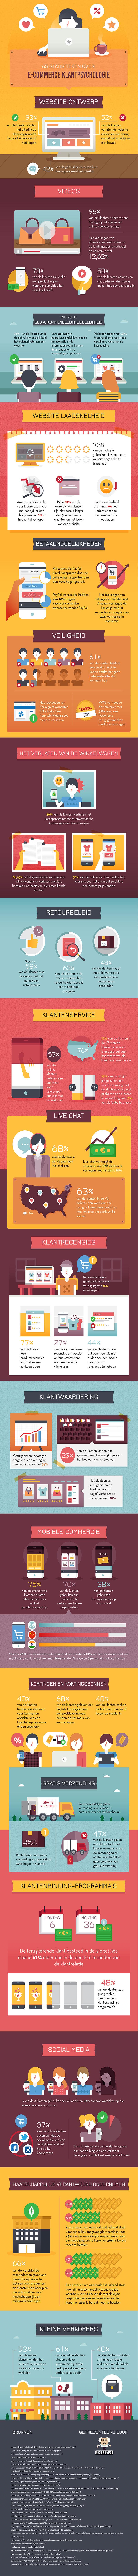 Freud en het web: de psyche van de online shopper in 65 statistieken!